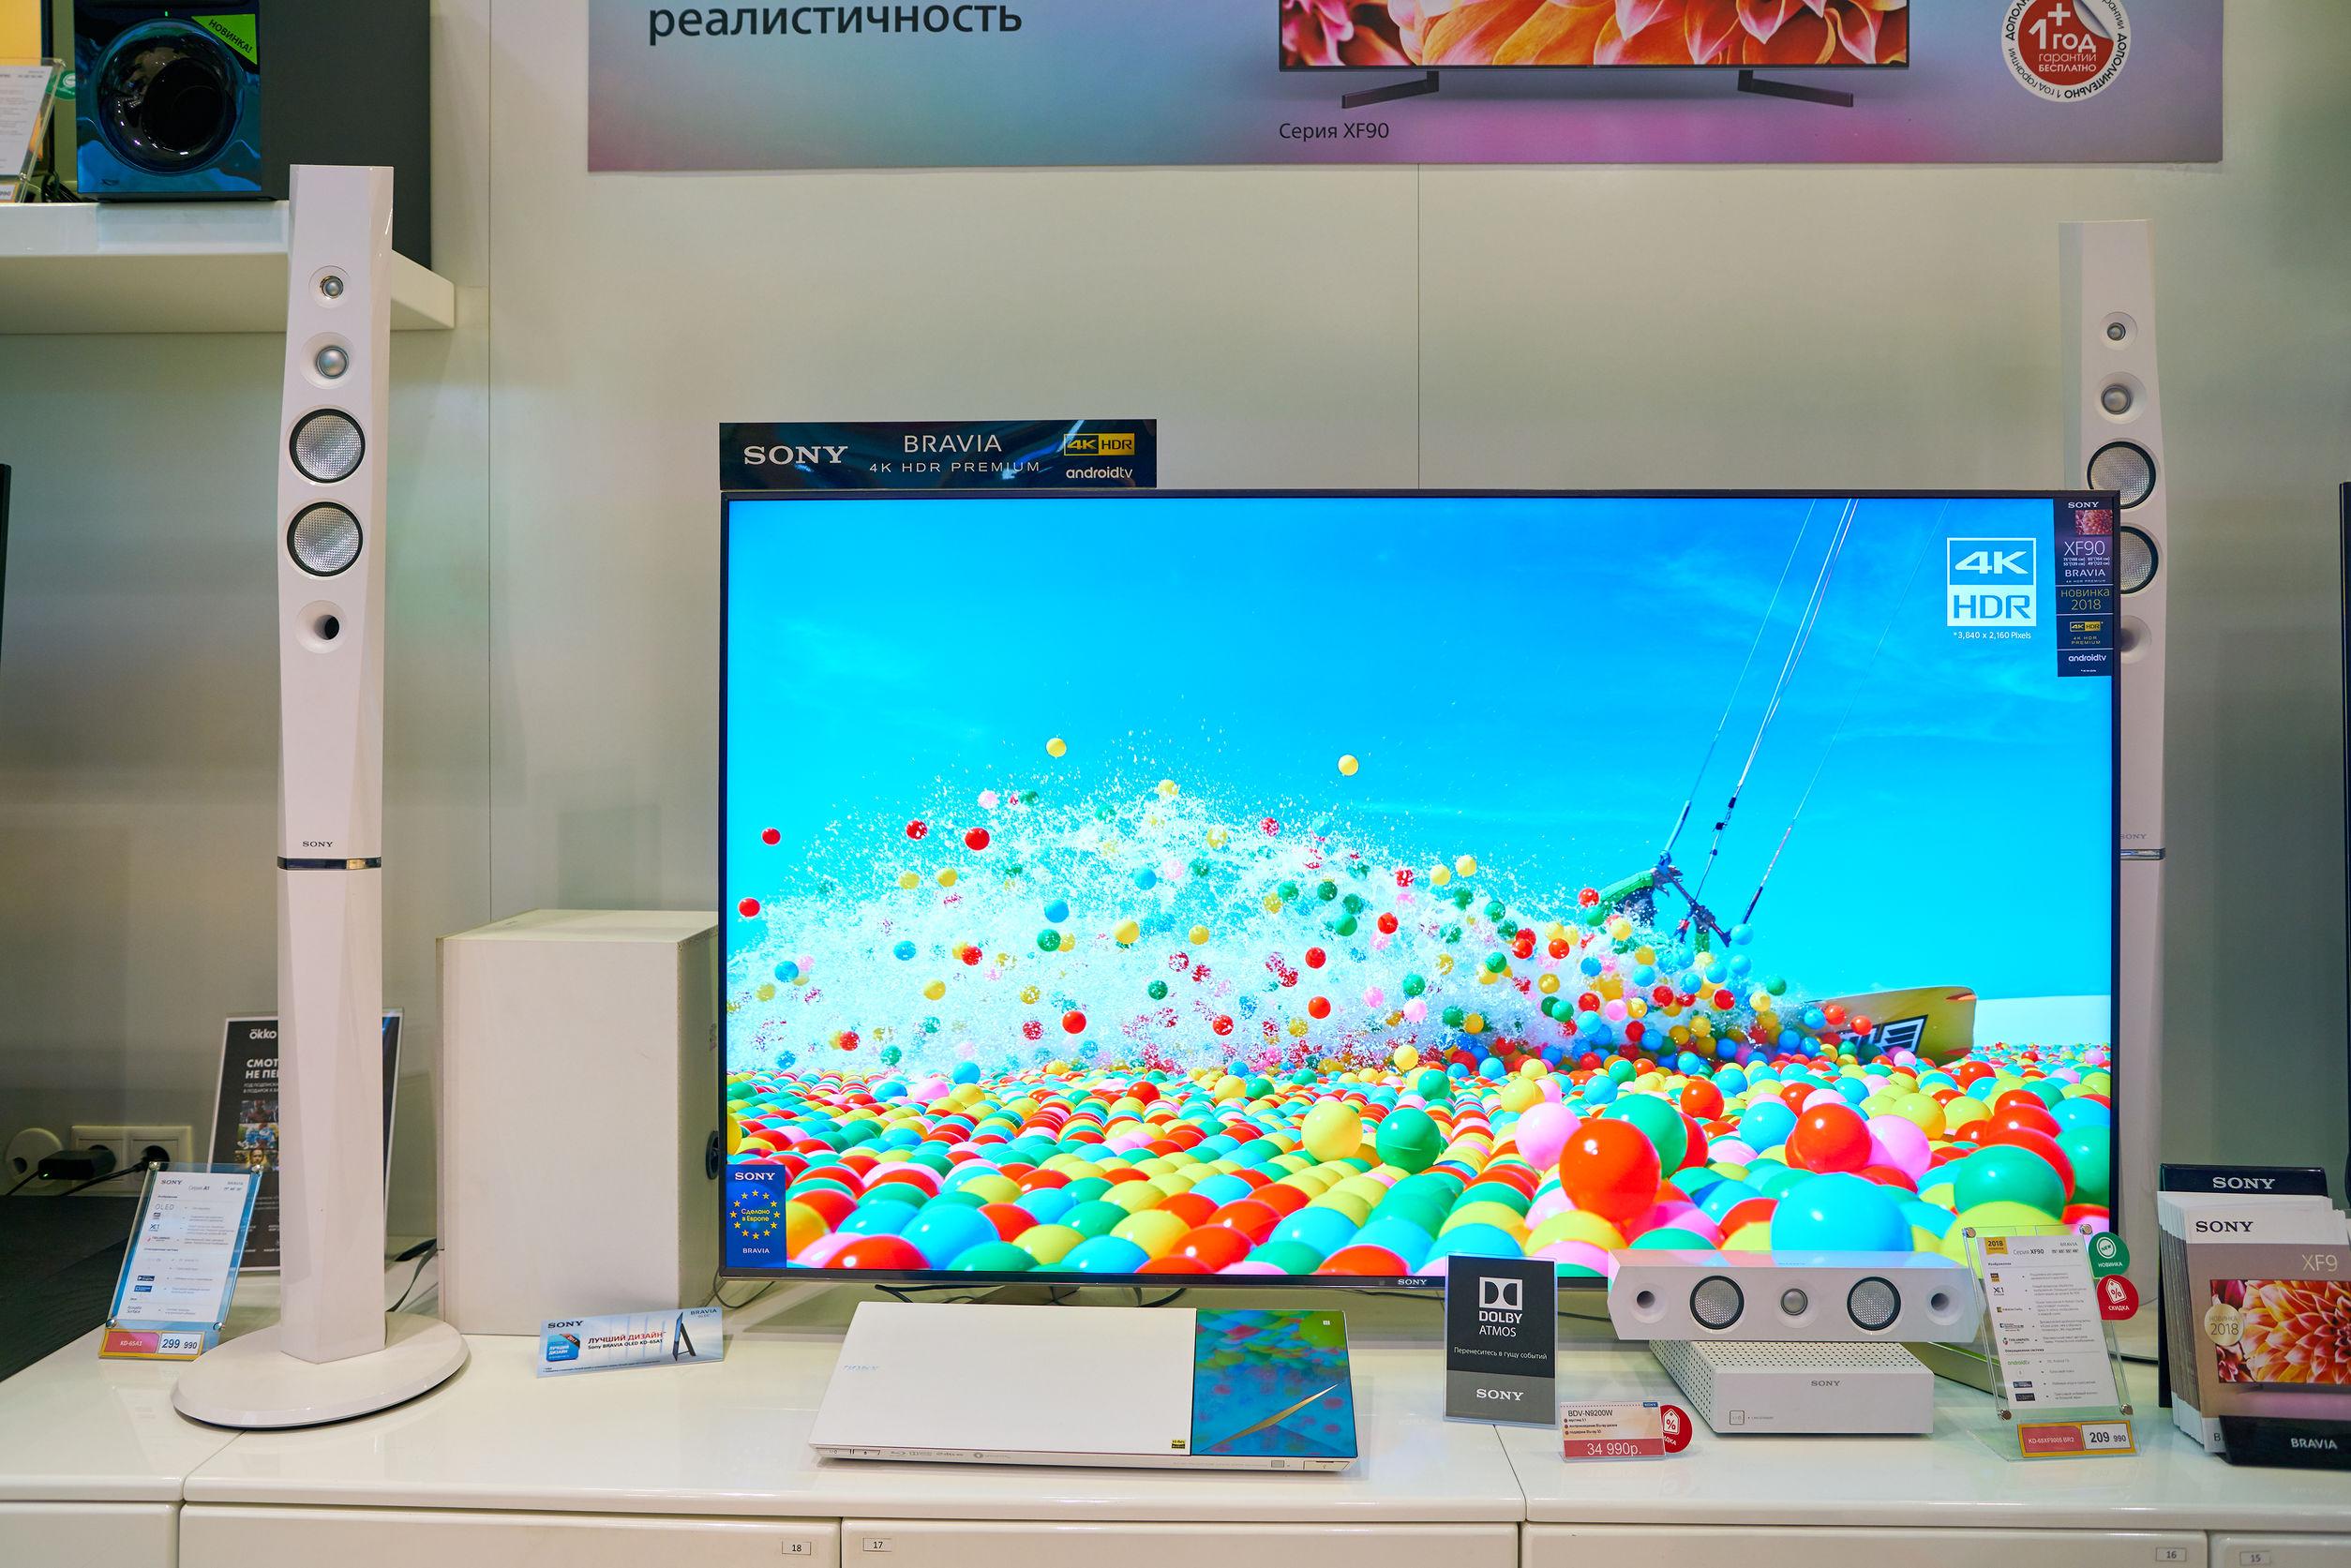 Imagem mostra uma TV 4k Sony sendo vendida em uma loja.